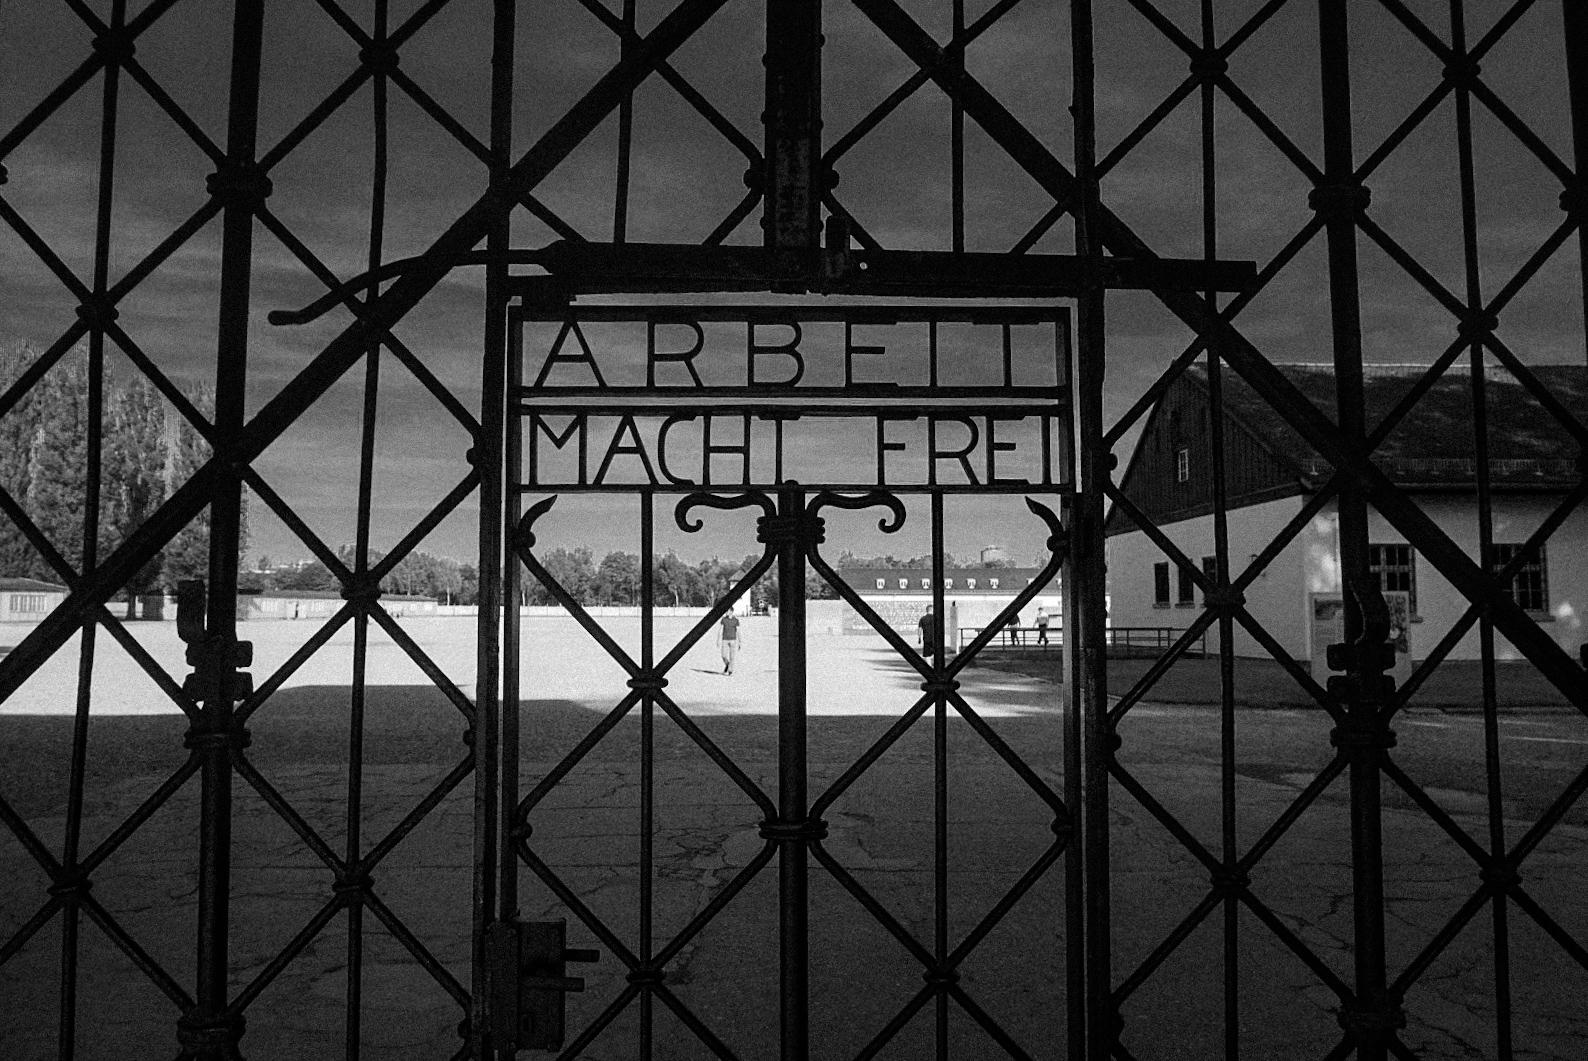 kz sprüche File:KZ Dachau Spruch.   Wikimedia Commons kz sprüche